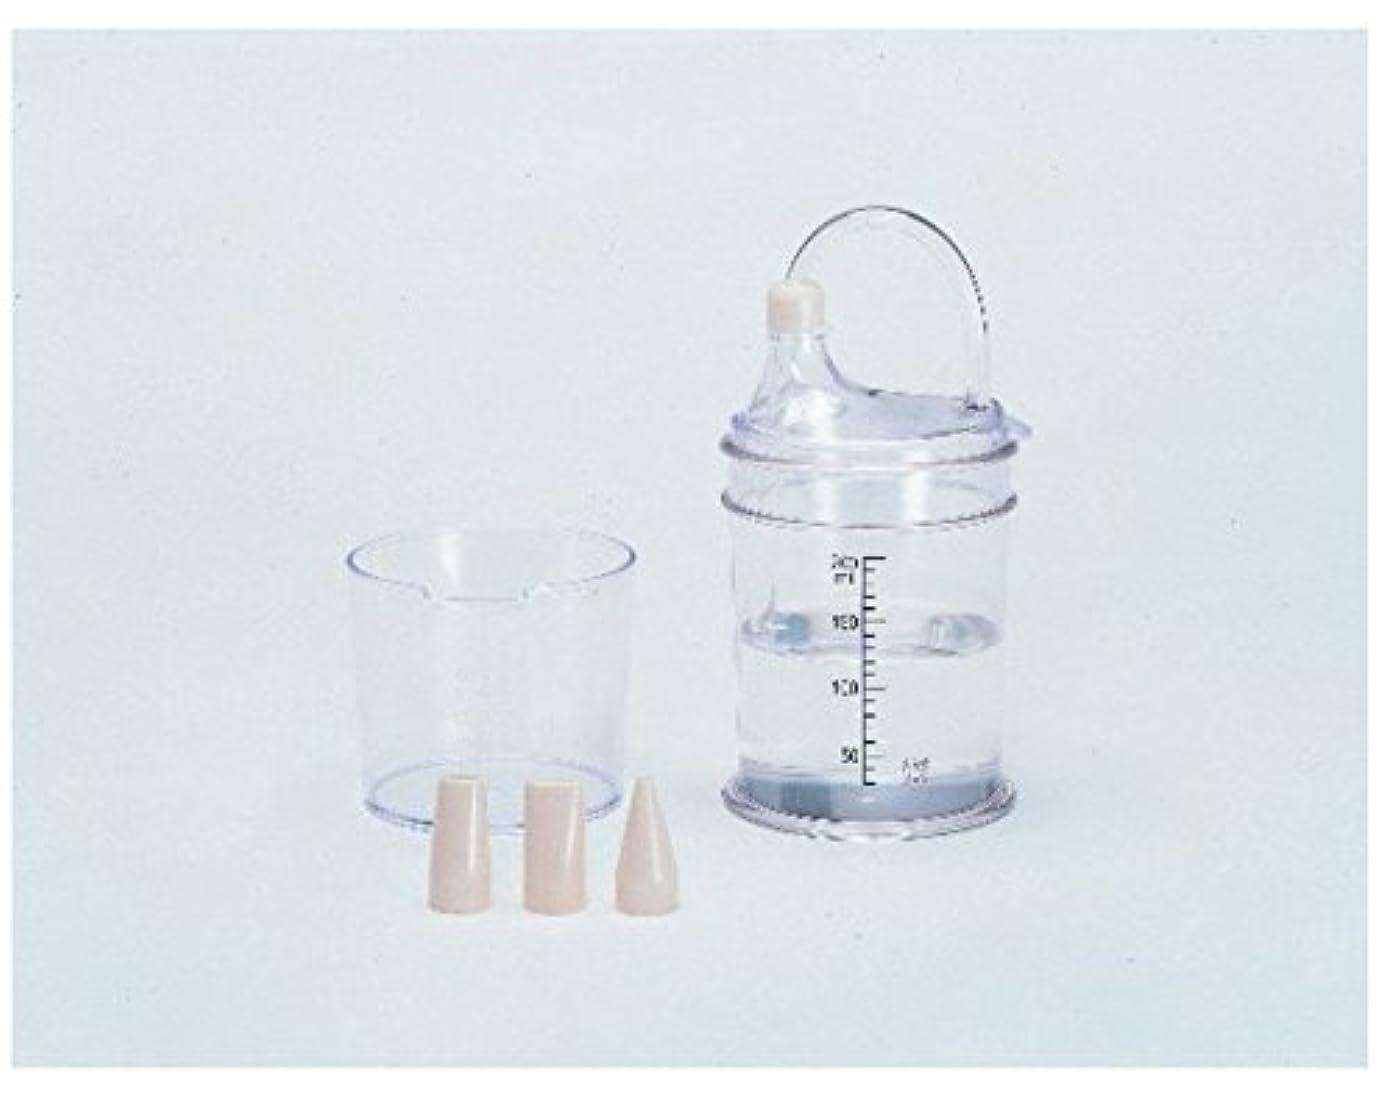 パイル合理化ブランチマジックカップ ?病院内人気こぼれにくい介護用吸い飲みカップ? 1個